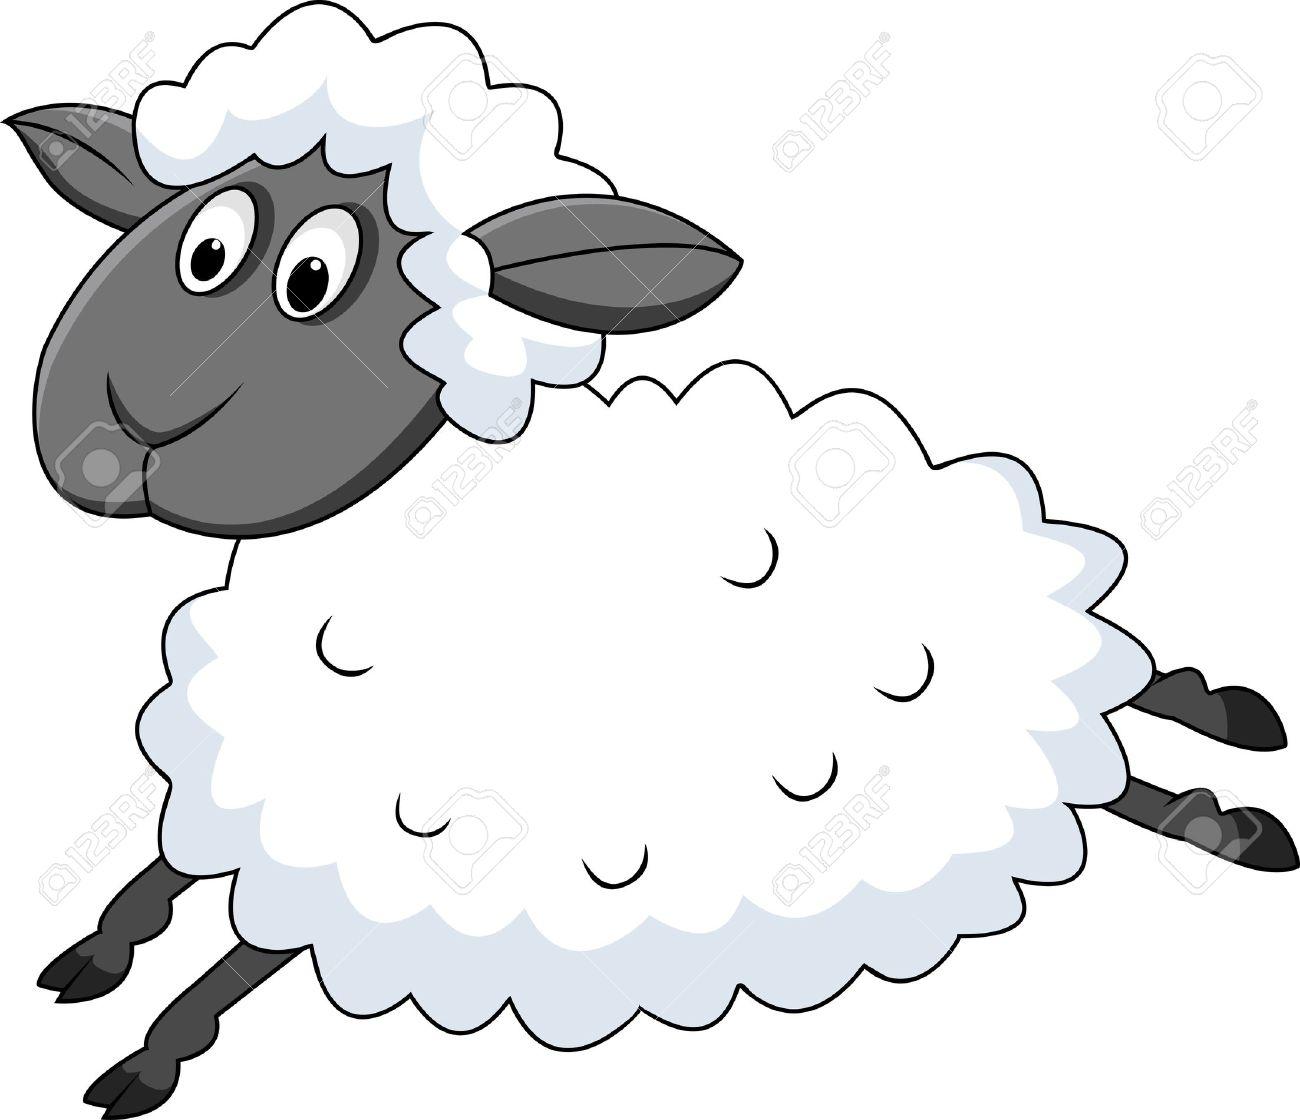 Jumping sheep.